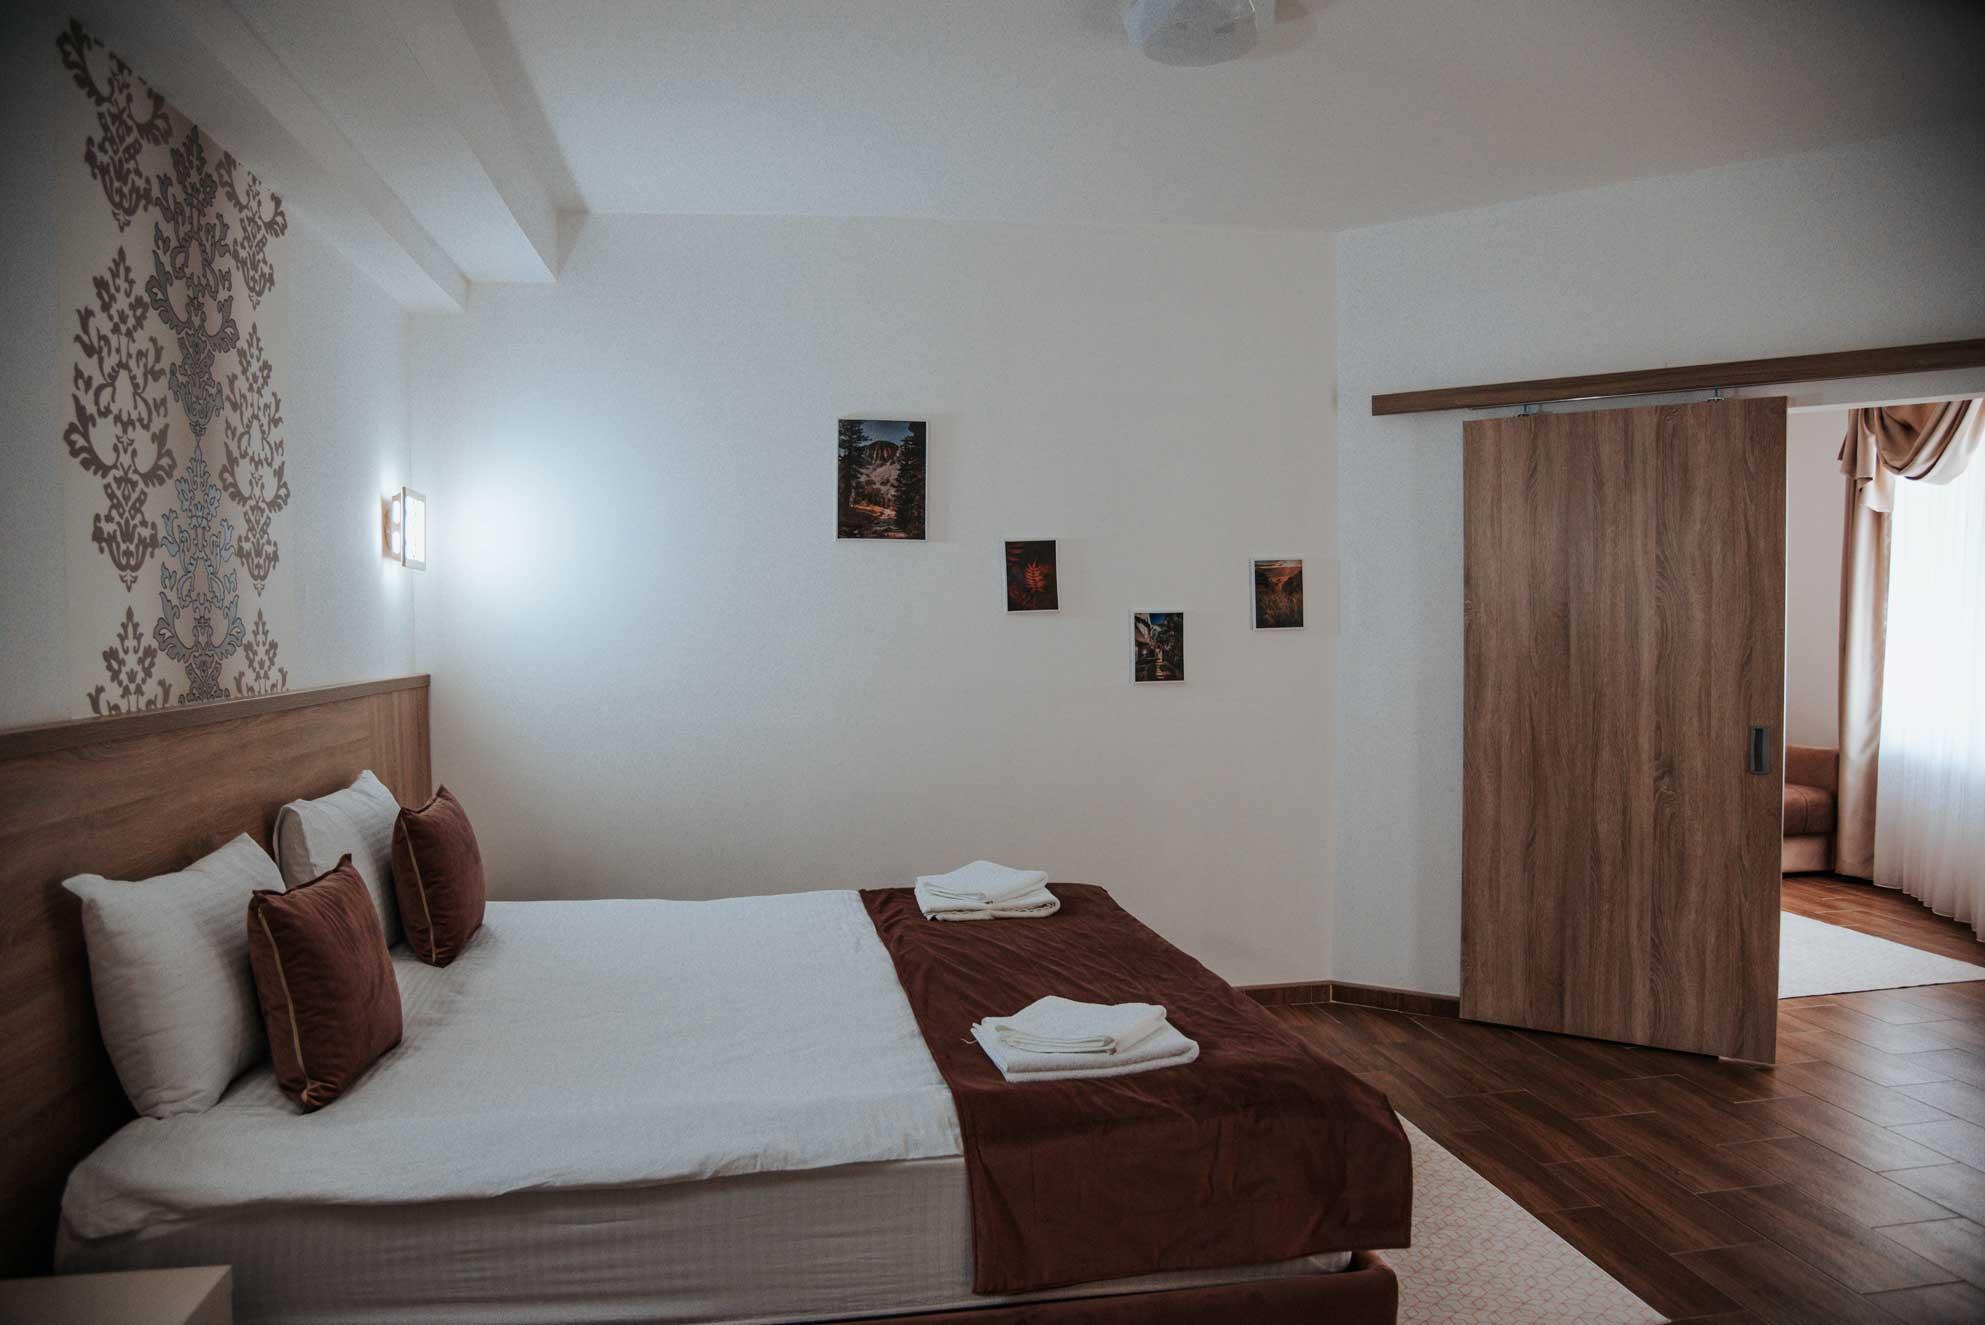 Hotel Aqua Spa Termale